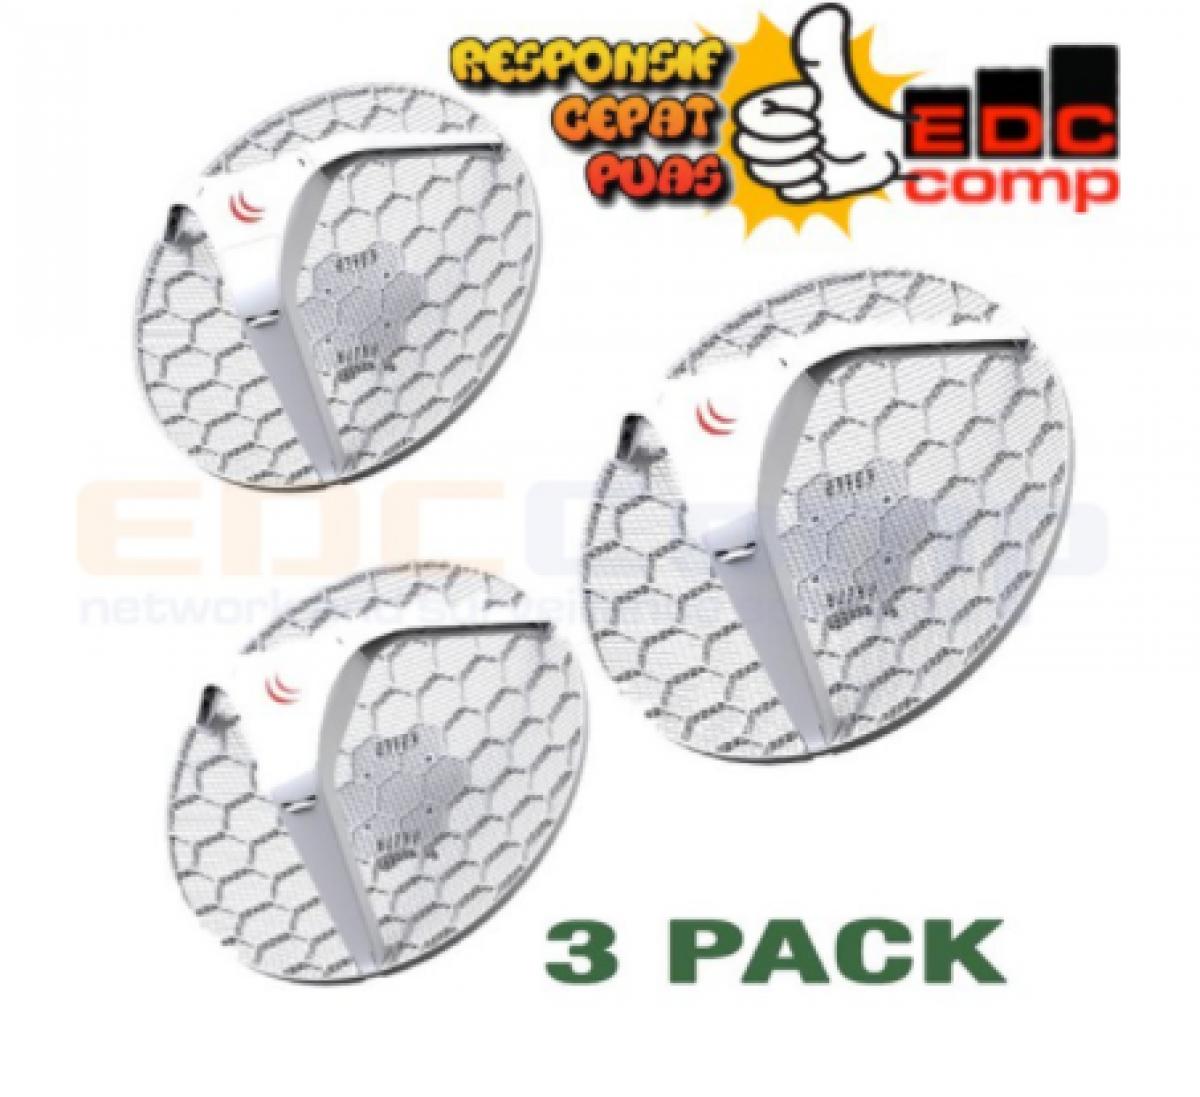 MikroTIK RBLHG-5 | RB LHG-5 | Embedded Wireless RBLHG-5nD 3 Pack - EdcComp